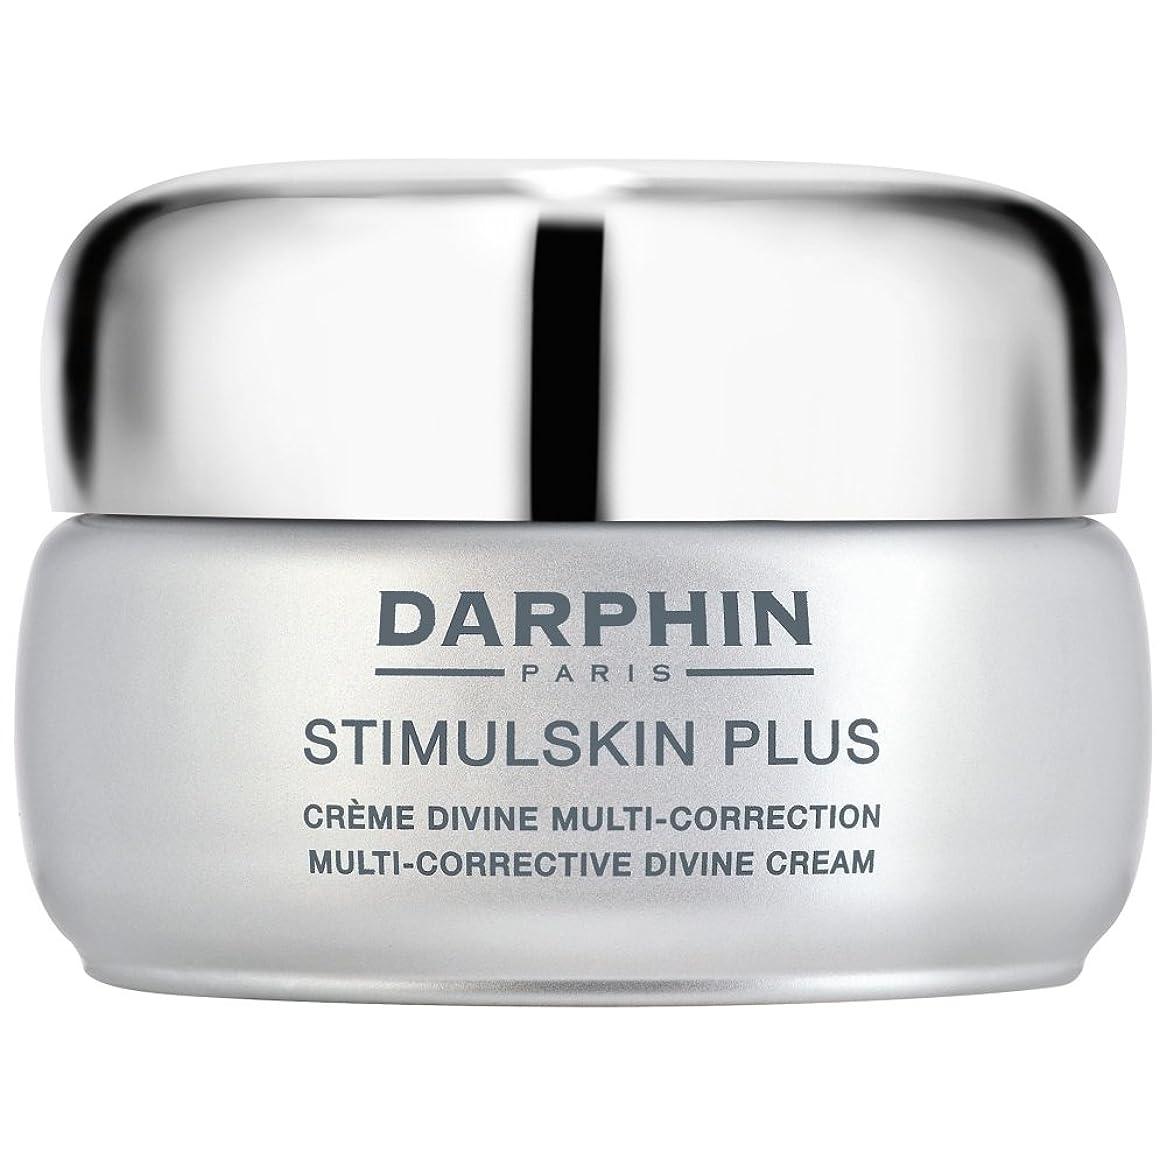 アンタゴニスト旅支援スティプラスマルチ是正神のクリームダルファン、50ミリリットル (Darphin) (x6) - Darphin Stimulskin Plus Multi-Corrective Divine Cream, 50ml (Pack of 6) [並行輸入品]